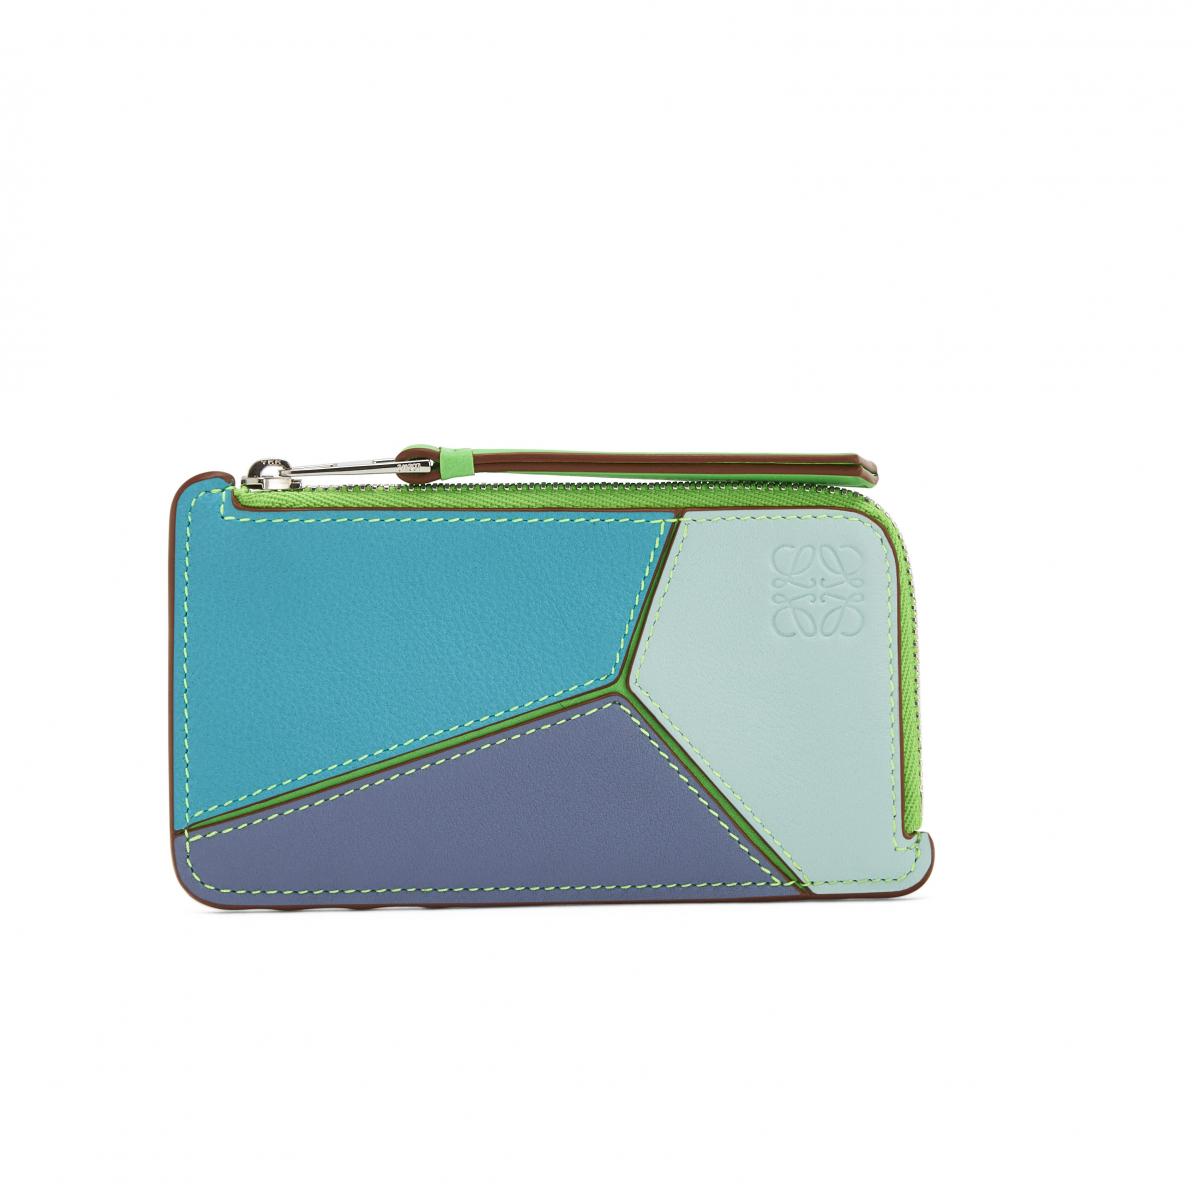 パズル コイン カードホルダー(W12.4×H7×D1.5cm)¥45,000/ロエベ ジャパン クライアントサービス